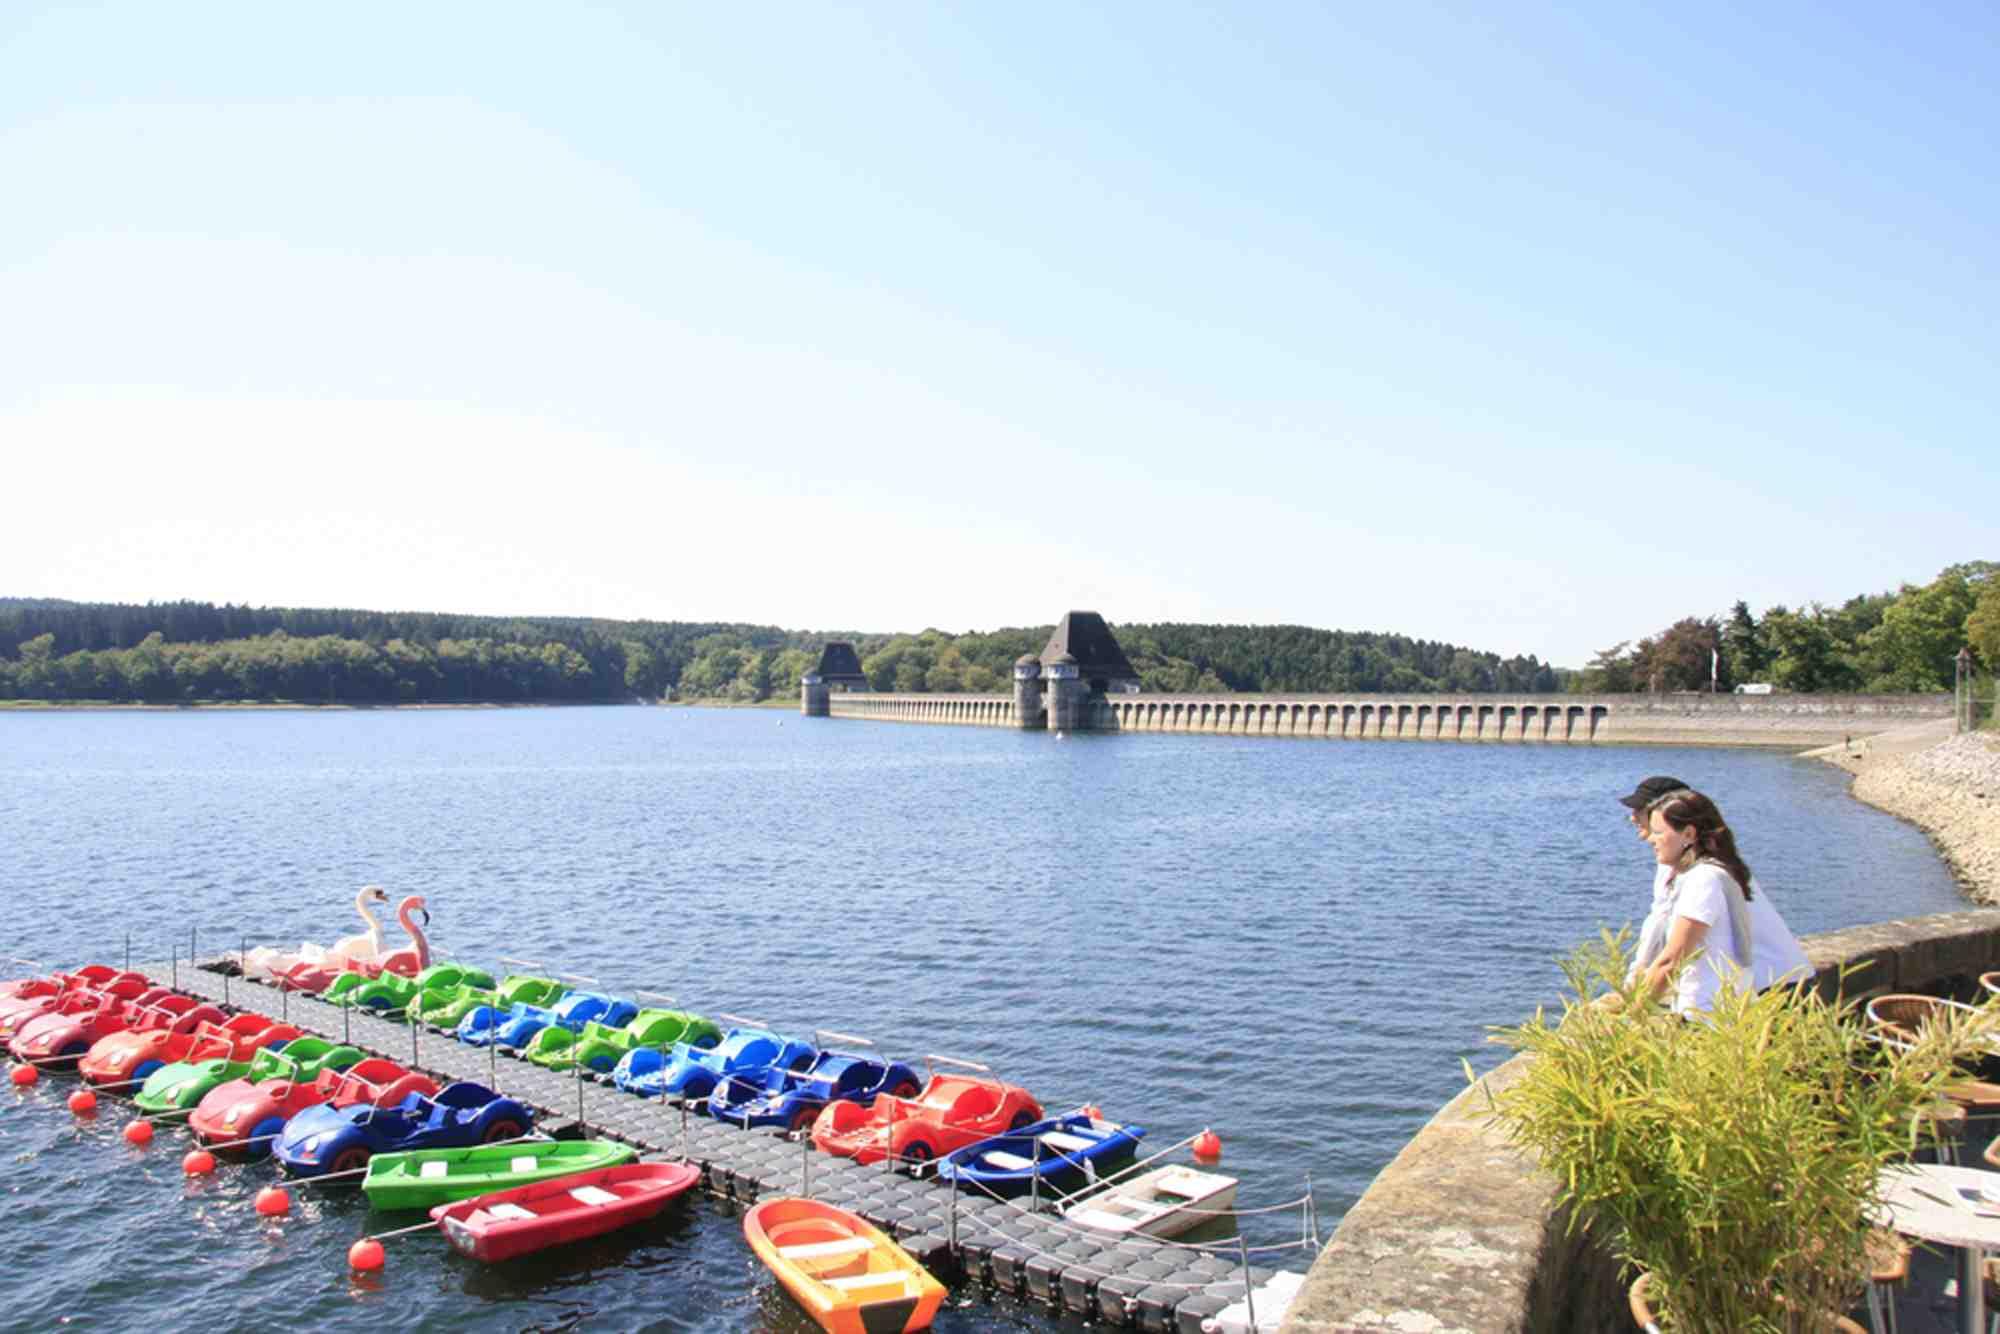 Bei einer Führung können Outdoor Kinder und deren Familien die Staumauer am Möhnesee kennenlernen. Foto: (c) Möhnesee Touristik